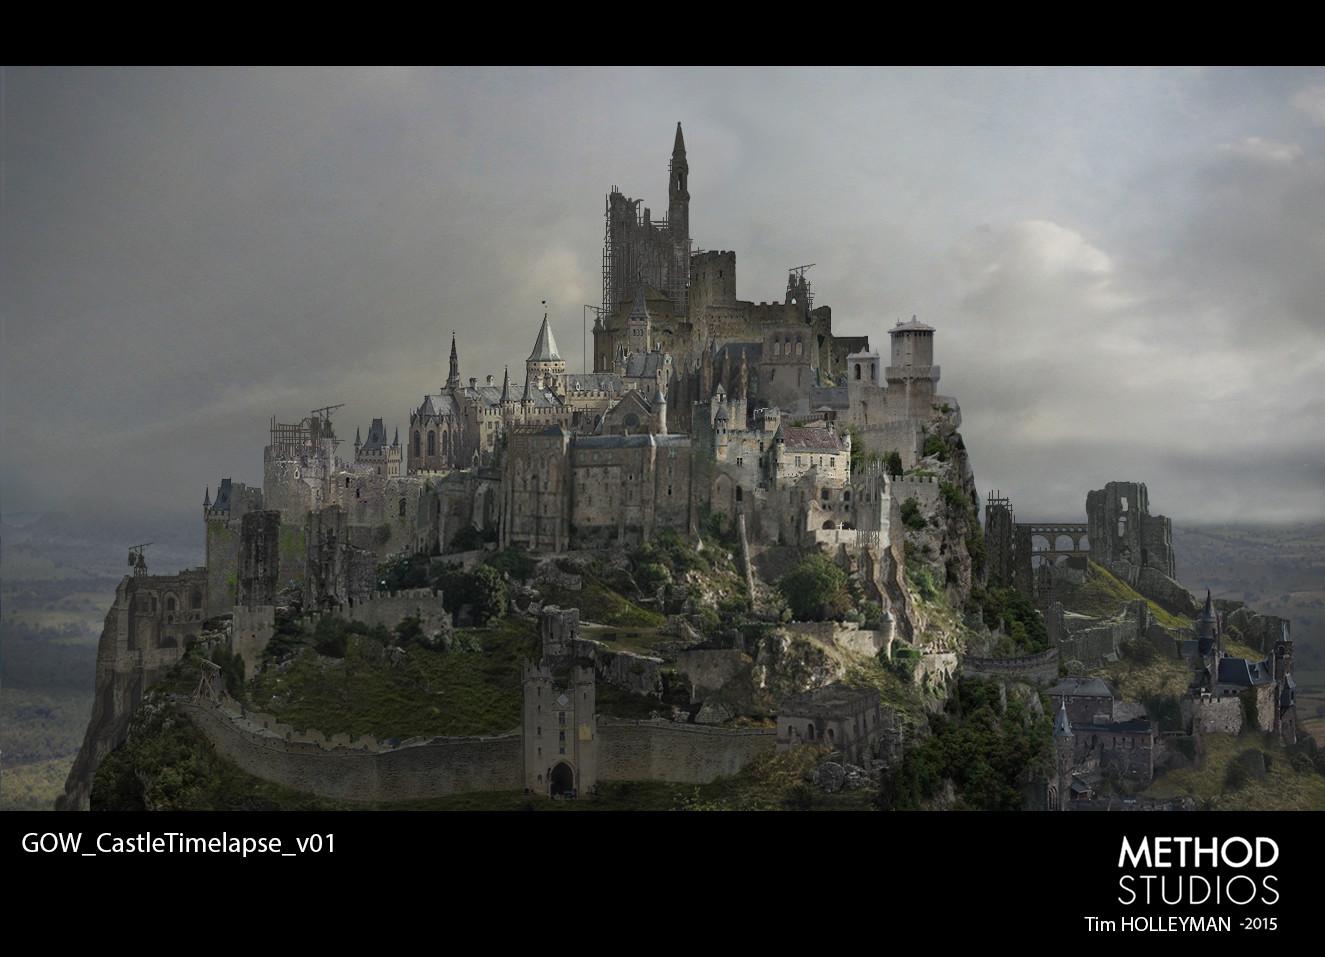 Tim holleyman gow castletimelapse v01